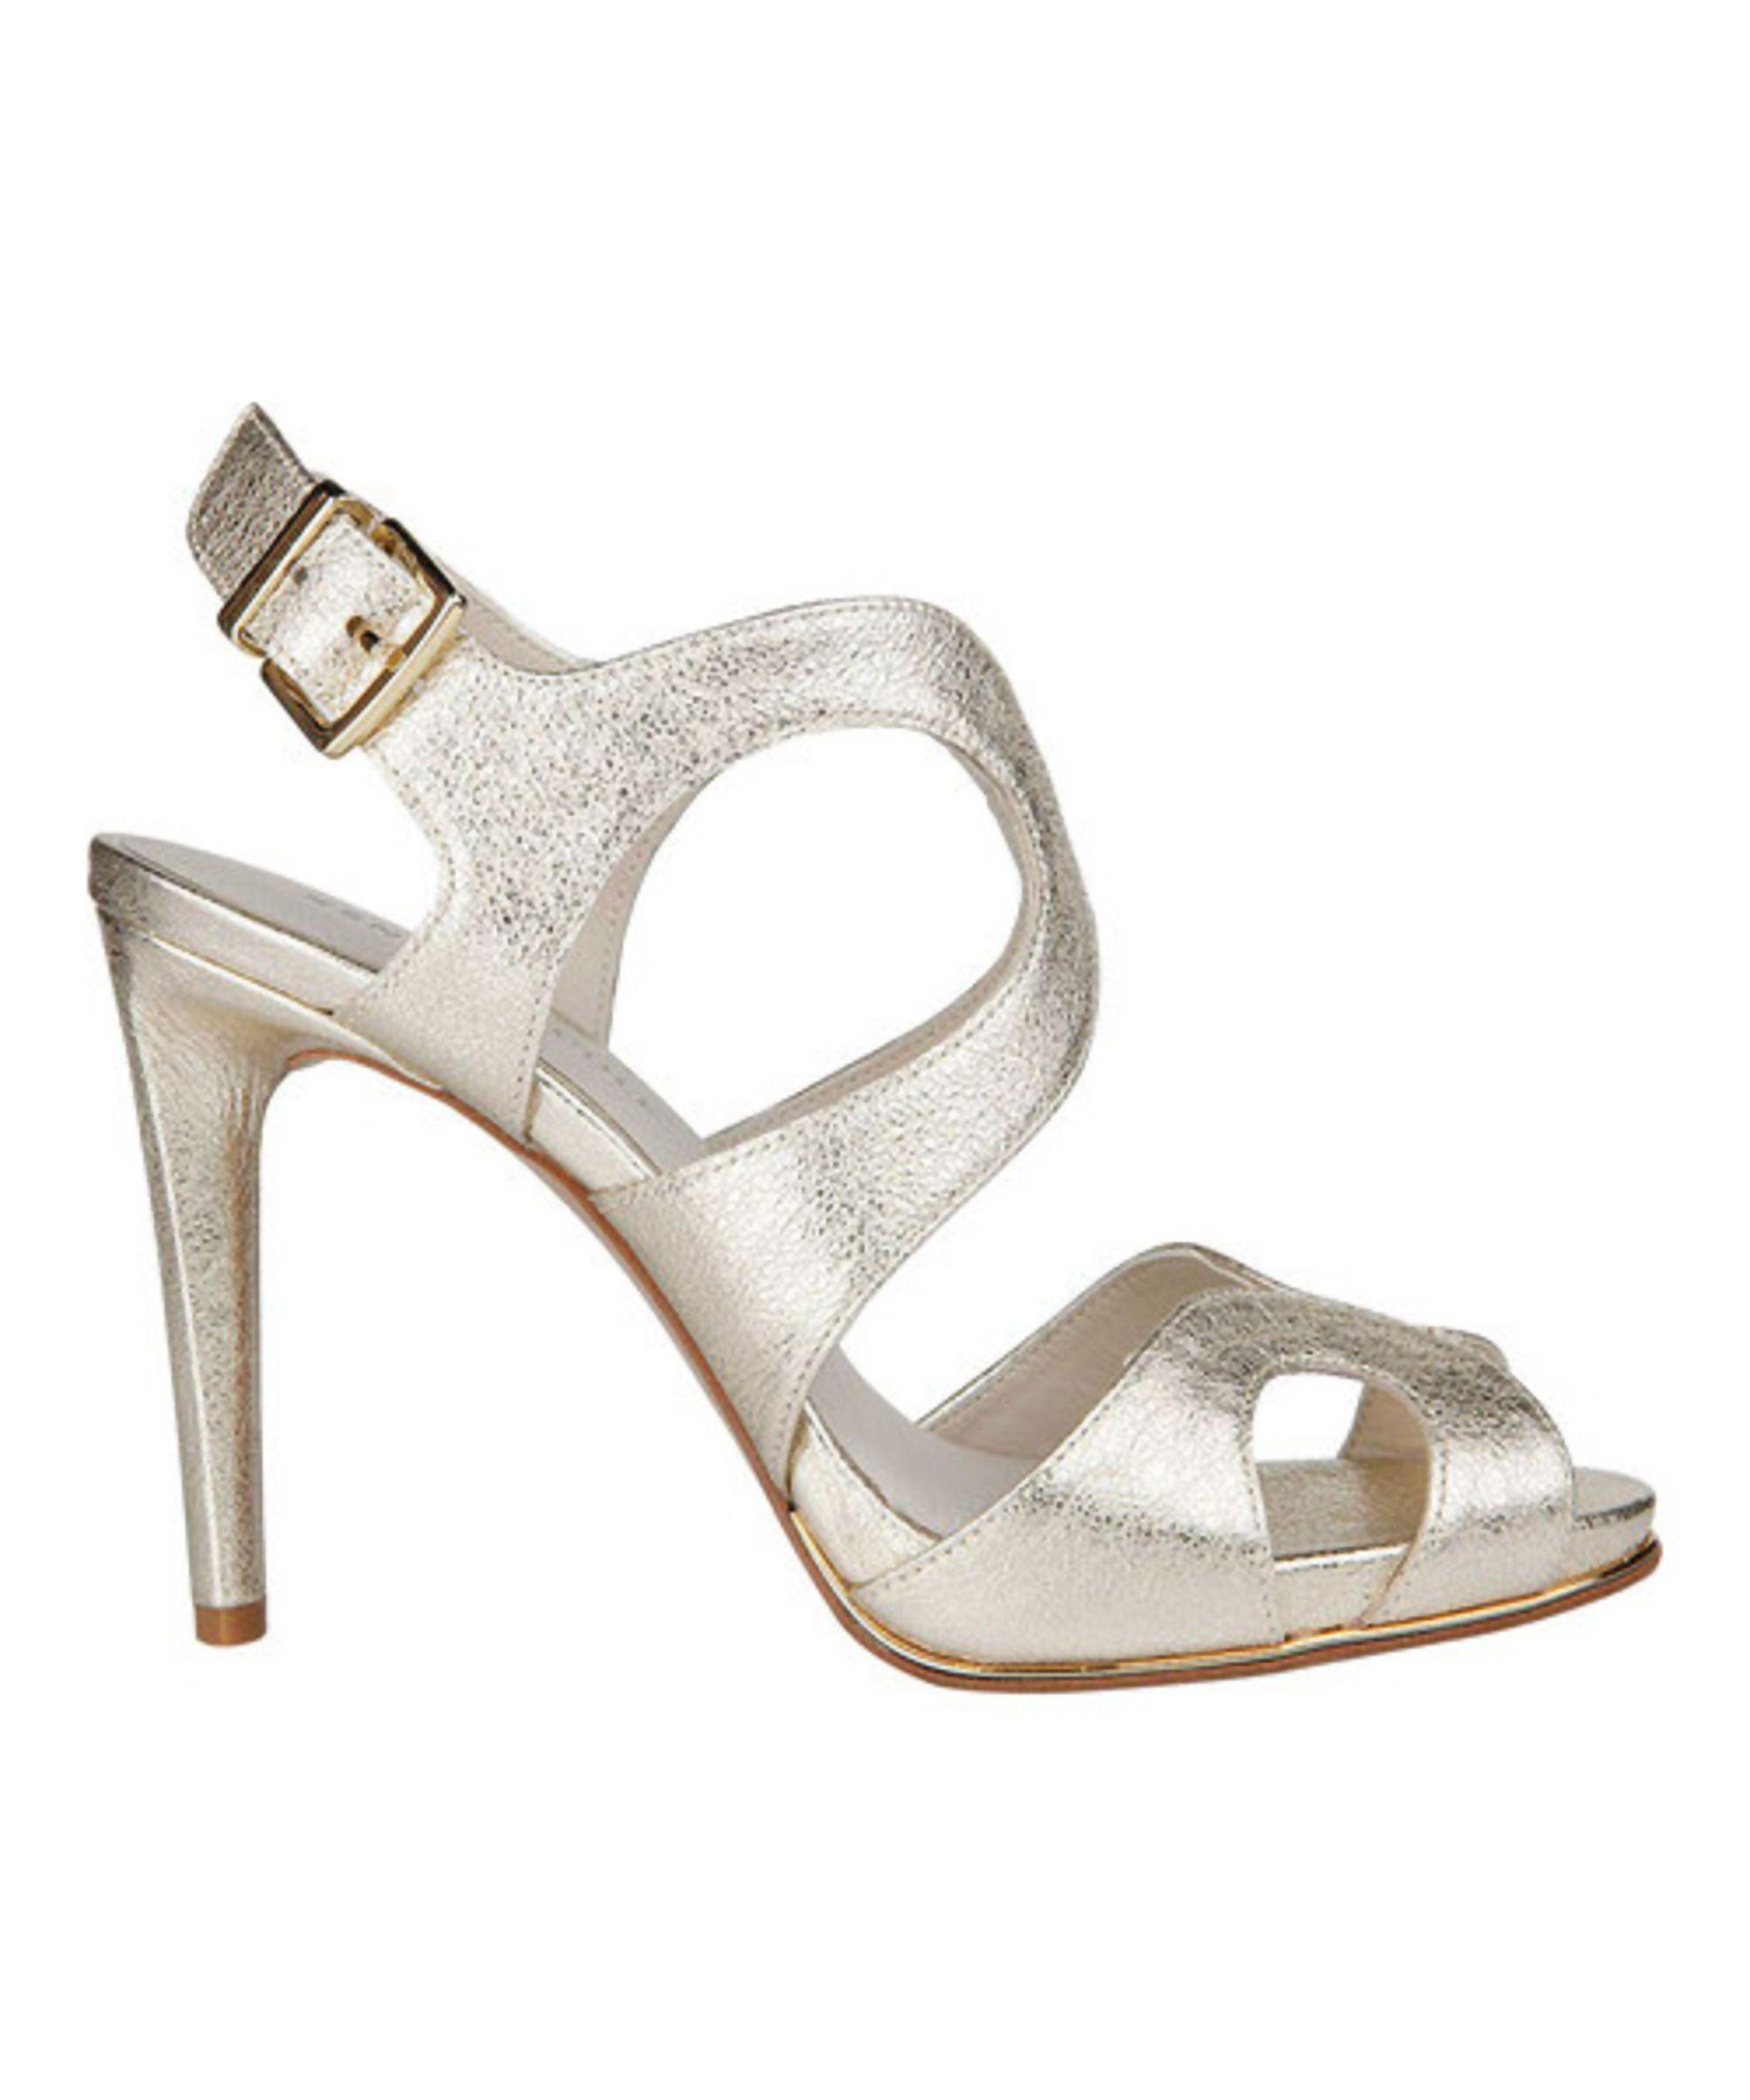 Kenneth Cole Women's Baldwin Leather Slingback High-Heel Sandals 0ETuqveBeG